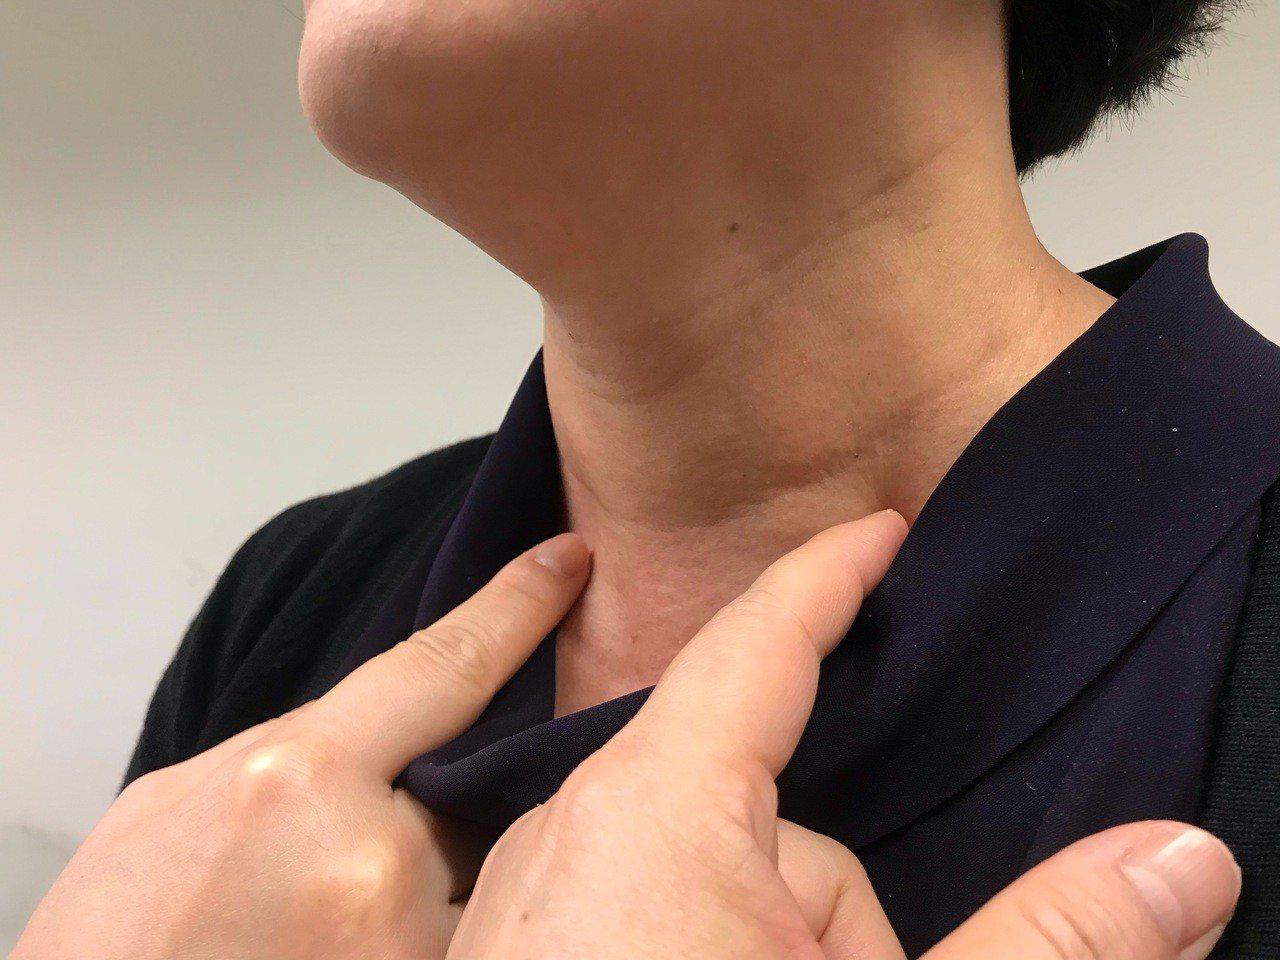 據統計,每10人中約4至5人頸部超音波檢測結果異常,發現節結,但9成以上屬於良性...